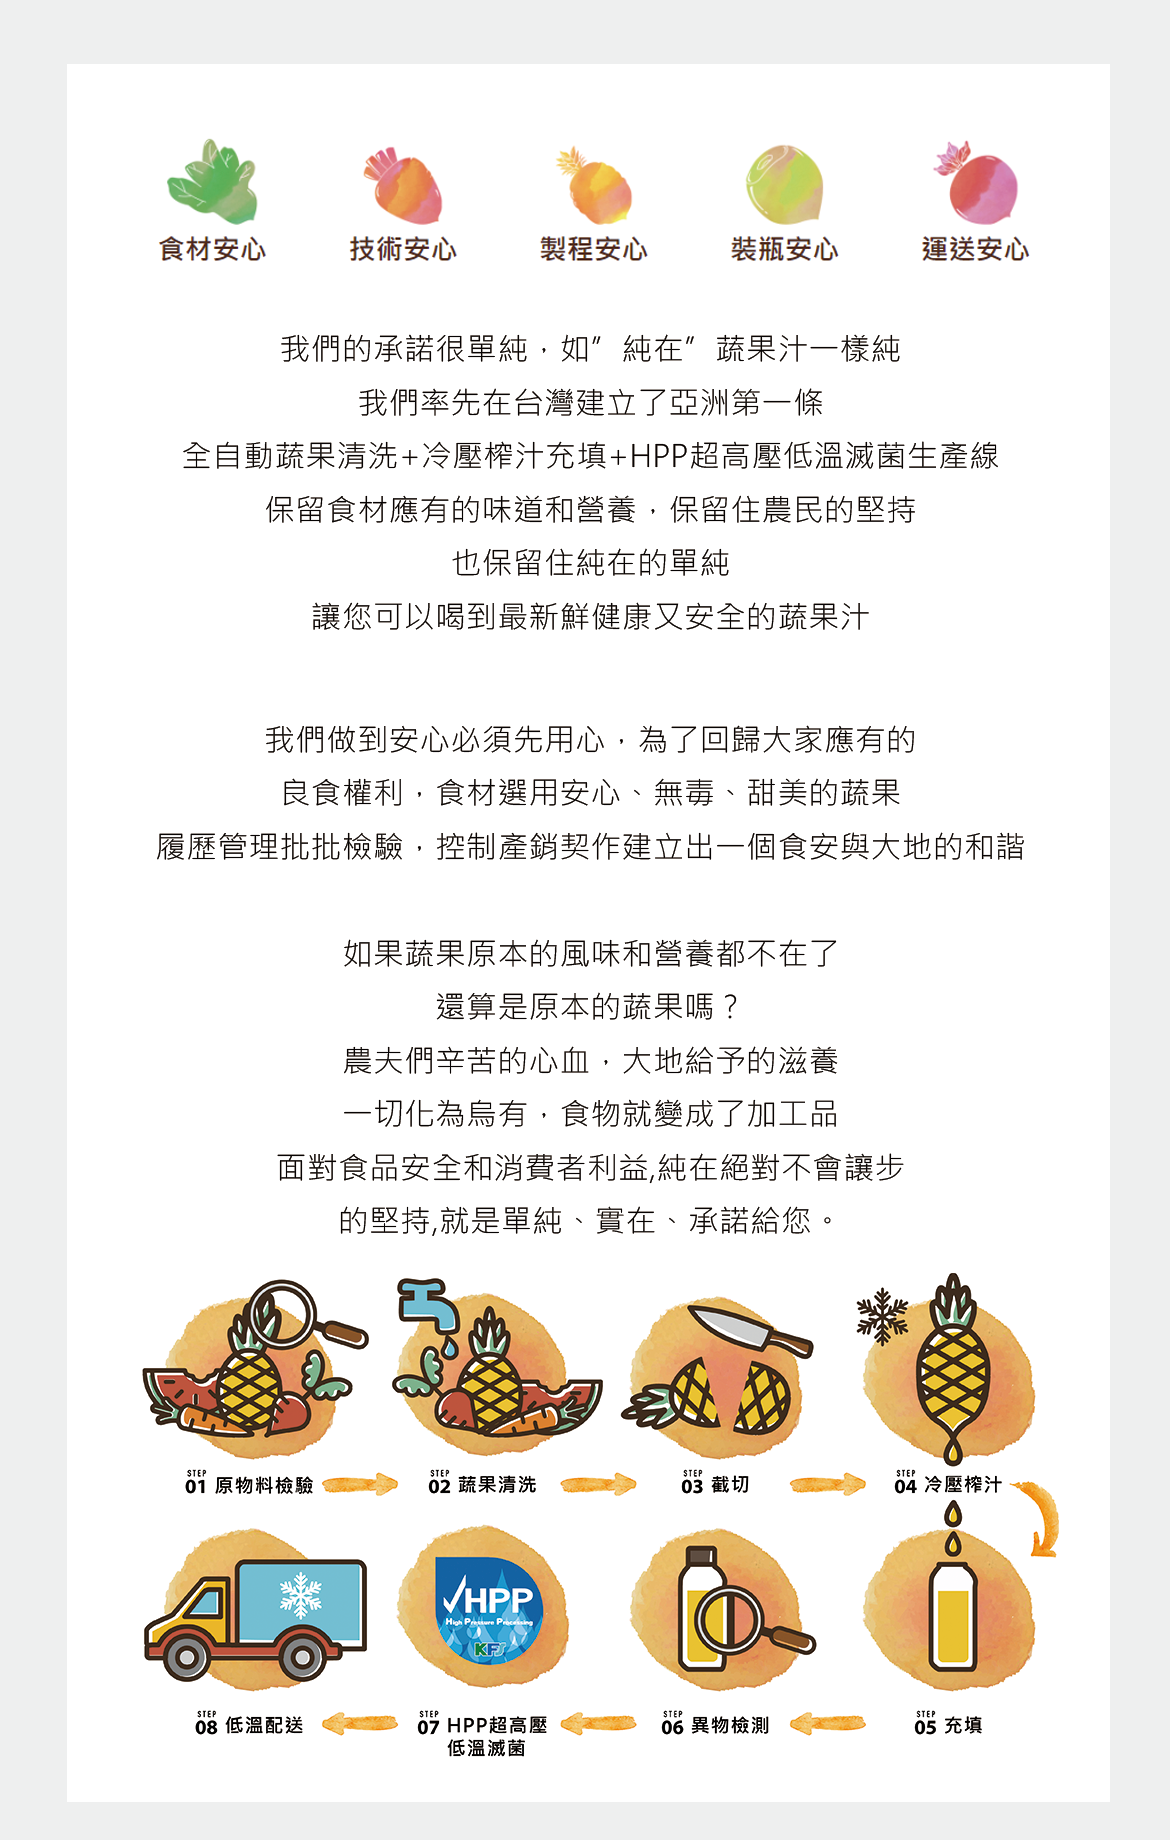 """我們的承諾很單純,如""""純在""""蔬果汁一樣純,我們率先在台灣建立了亞洲第一條,全自動蔬果清洗+冷壓榨汁充填+HPP超高壓低溫滅菌生產線,保留食材應有的味道和營養,保留住農民的堅持,也保留住純在的單純,讓您可以喝到最新鮮健康又安全的蔬果汁,我們做到安心必須先用心,為了回歸大家應有的,良食權利食材選用安心、無毒、甜美的蔬果,履歷管理批批檢驗,控制產銷契作建立出一個食安與大地的和諧,如果蔬果原本的風味和營養都不在了,還算是原本的蔬果嗎?農夫們辛苦的心血,大地給予的滋養,一切化為烏有,食物就變成了加工品,面對食品安全和消費者利益,純在絕對不會讓步,的堅持,就是單純、實在、承諾給您。原物料檢驗,蔬果清洗, 截切,冷壓榨汁,充填,異物檢測,HPP超高壓低溫滅菌 ,低溫配送"""